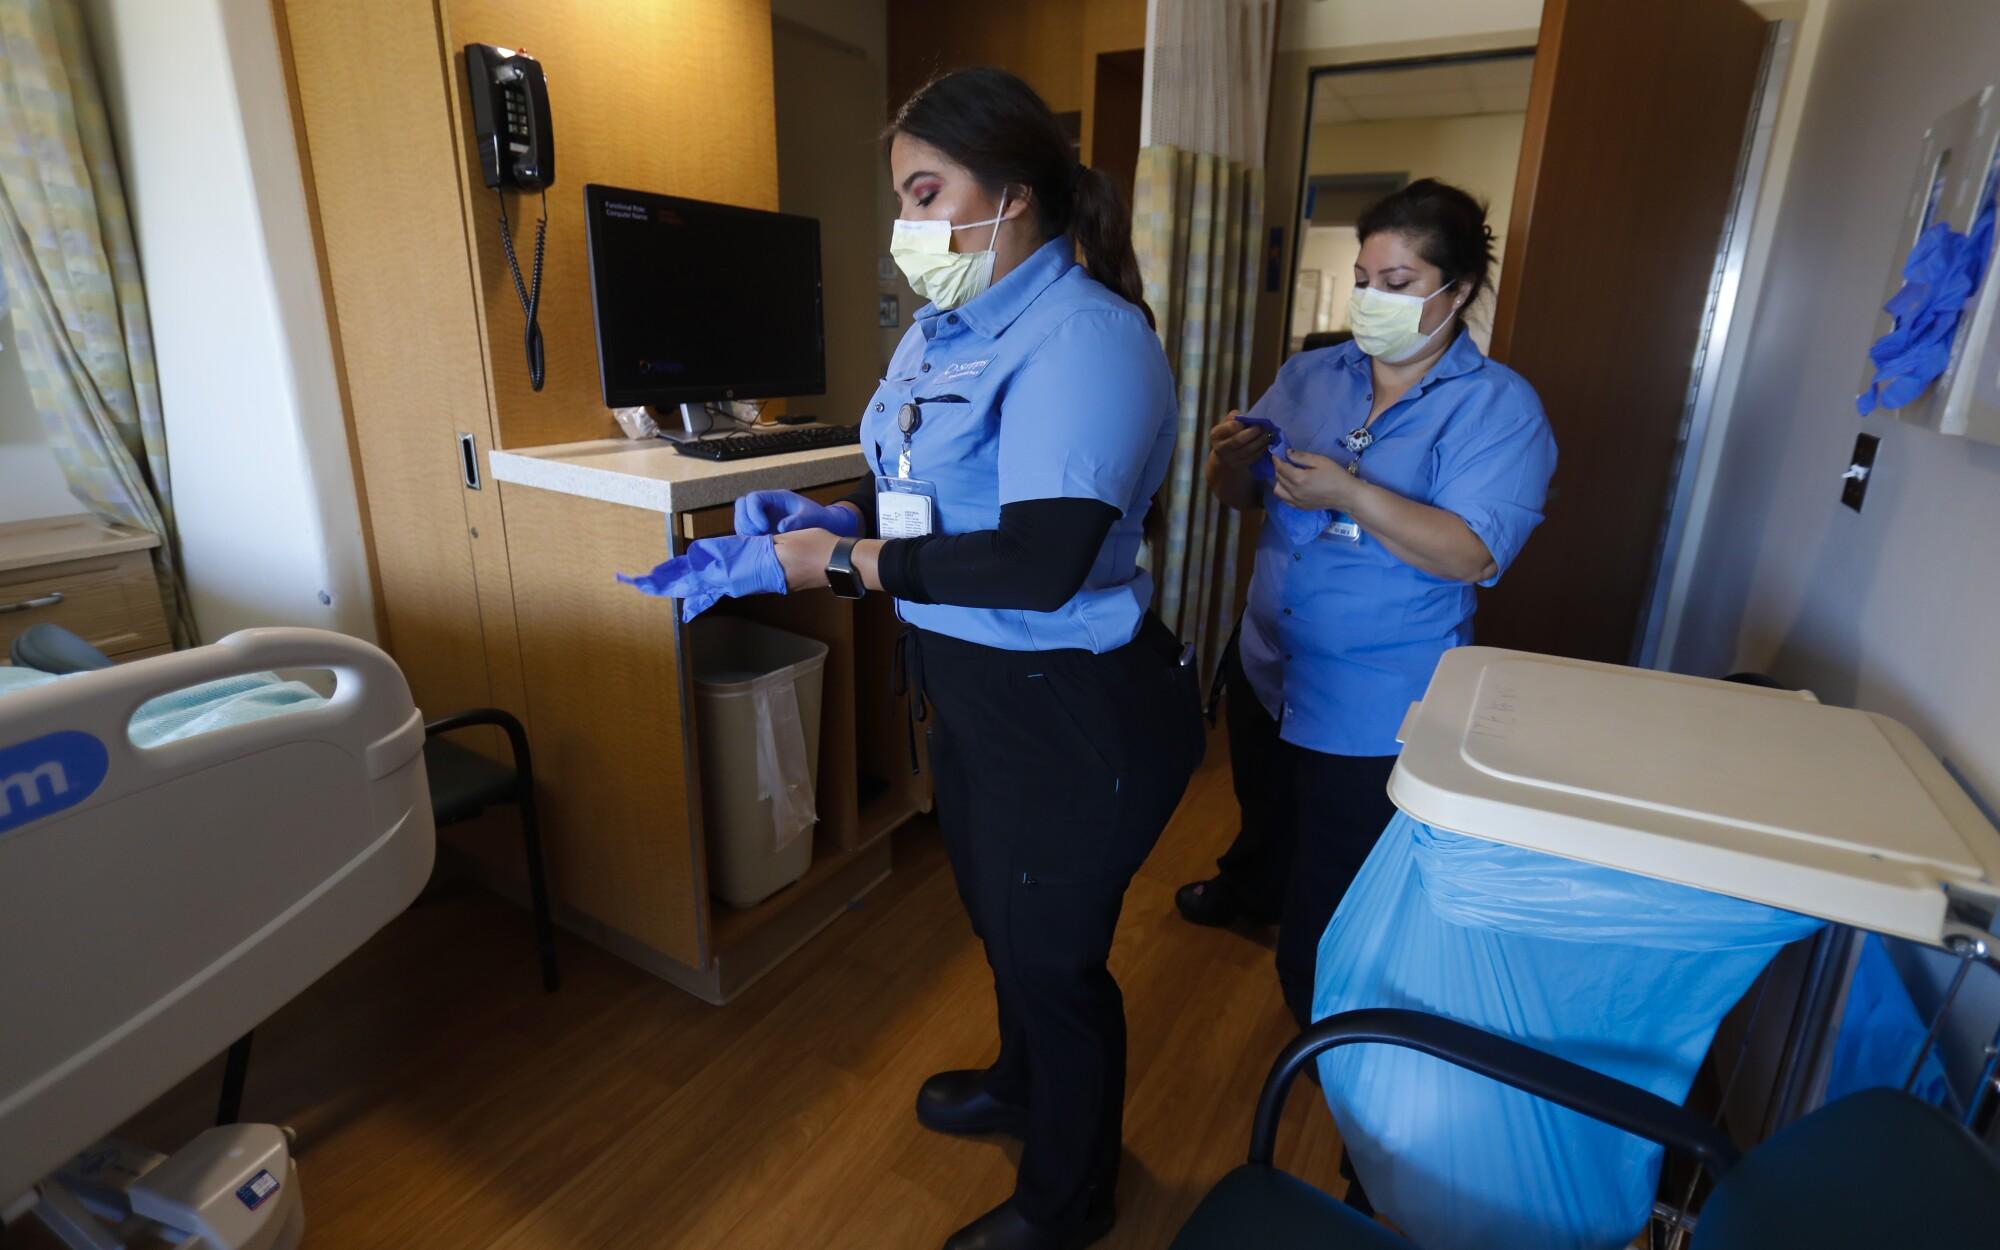 Debbie Gastelum y Karla Velarde se pusieron guantes antes de desmontar y desinfectar a fondo la habitación de un paciente en el Hospital Scripps Mercy de San Diego.